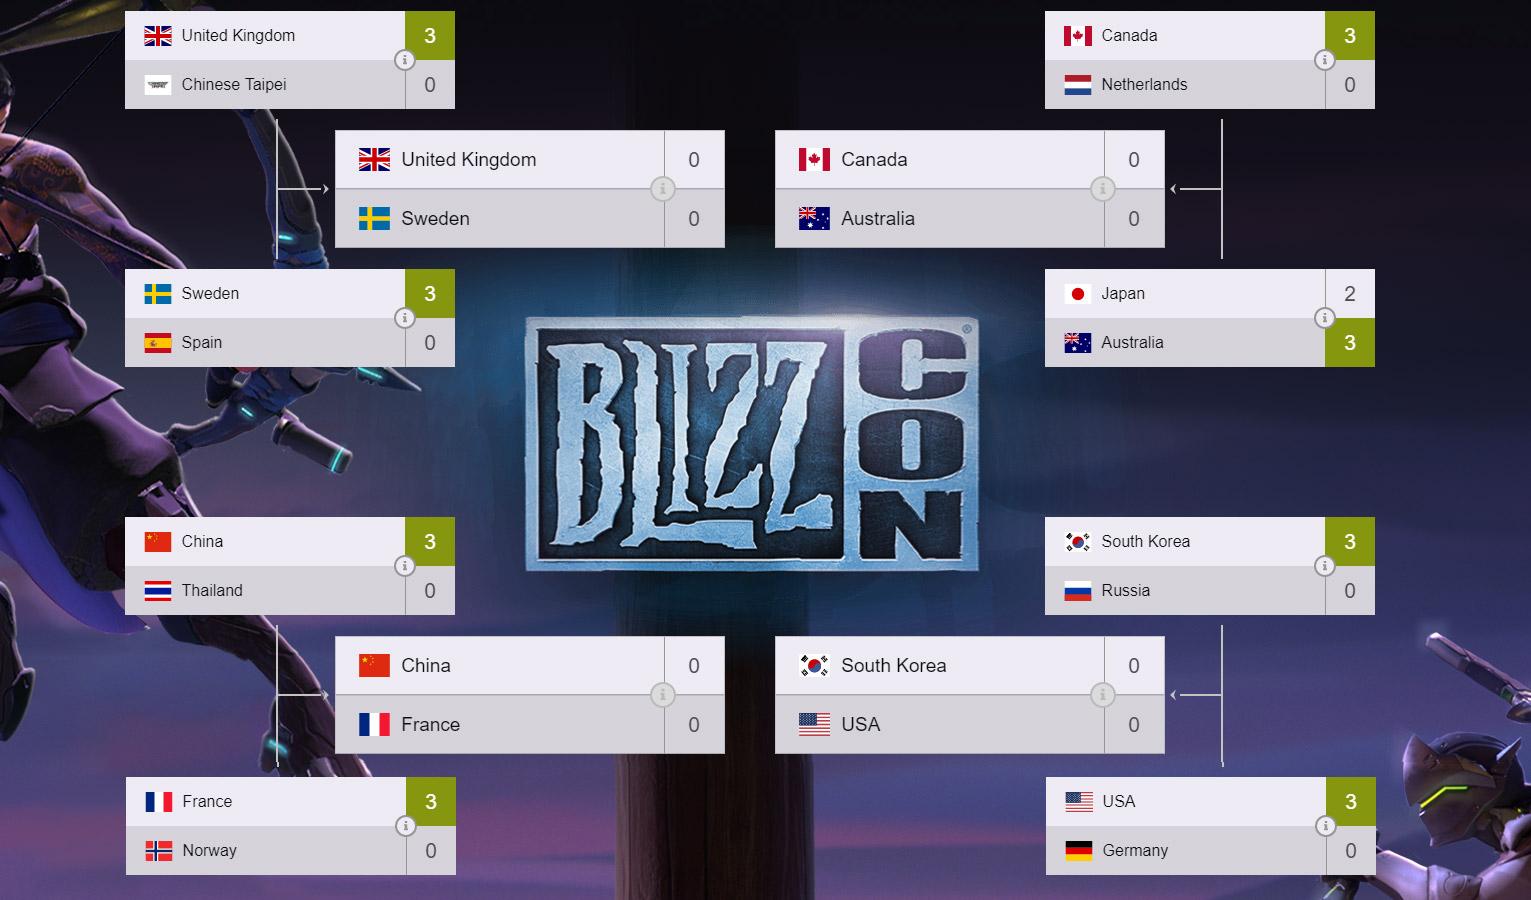 Le bracket de l'Overwatch world cup à la Blizzcon dévoilé